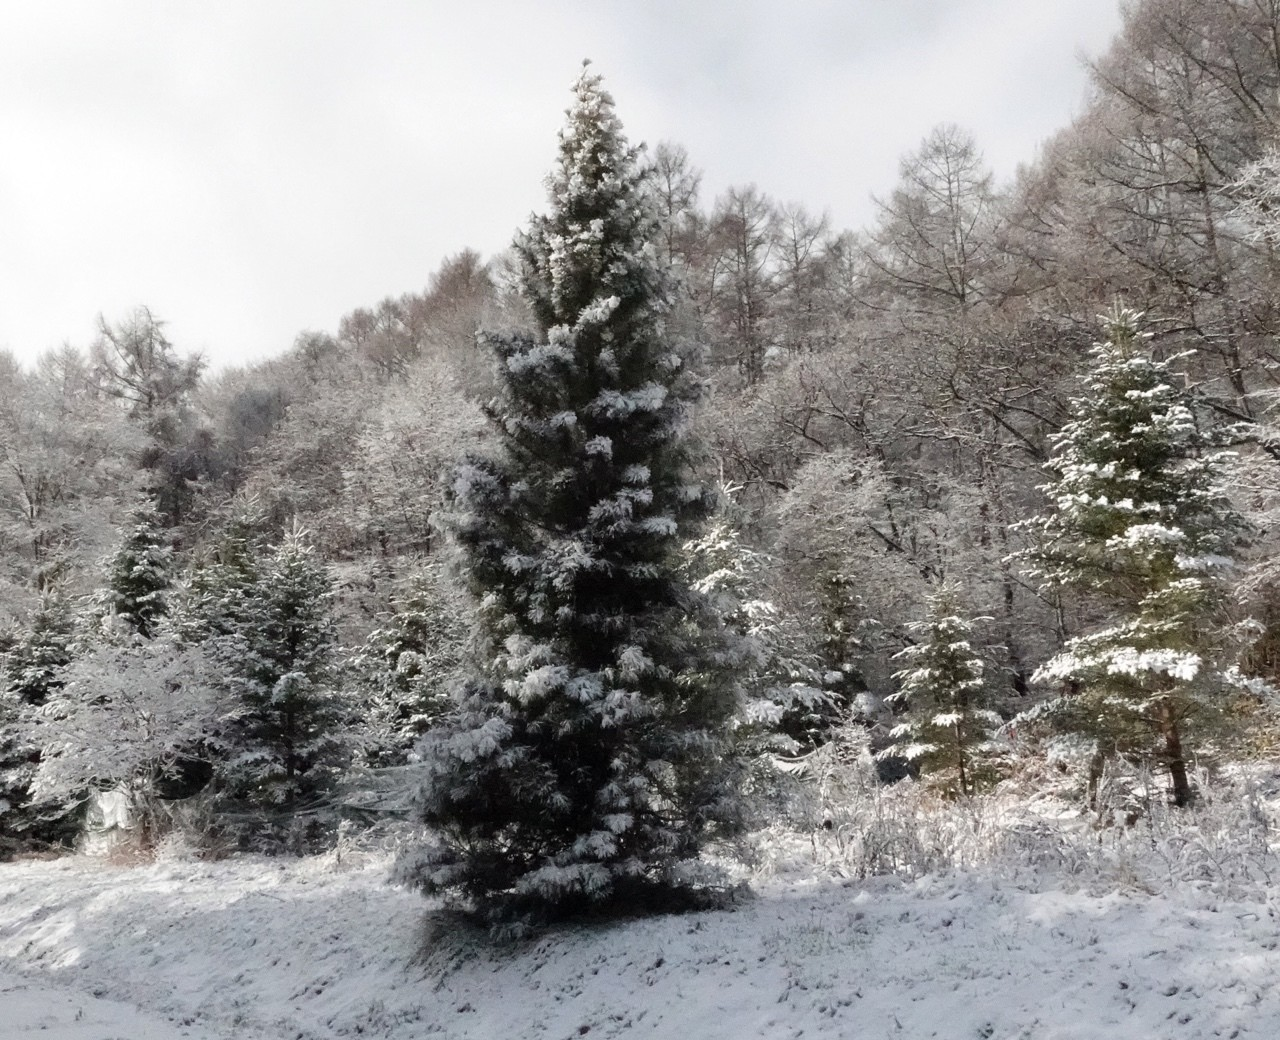 なんとなくクリスマスっぽい写真を撮ってきました。ミヤマホオジロ撮れて良かった。曲は「戦メリ」しか弾けない (;ω;) 皆様、メリークリスマス。#野鳥 #ミヤマホオジロ  #クリスマス #雪